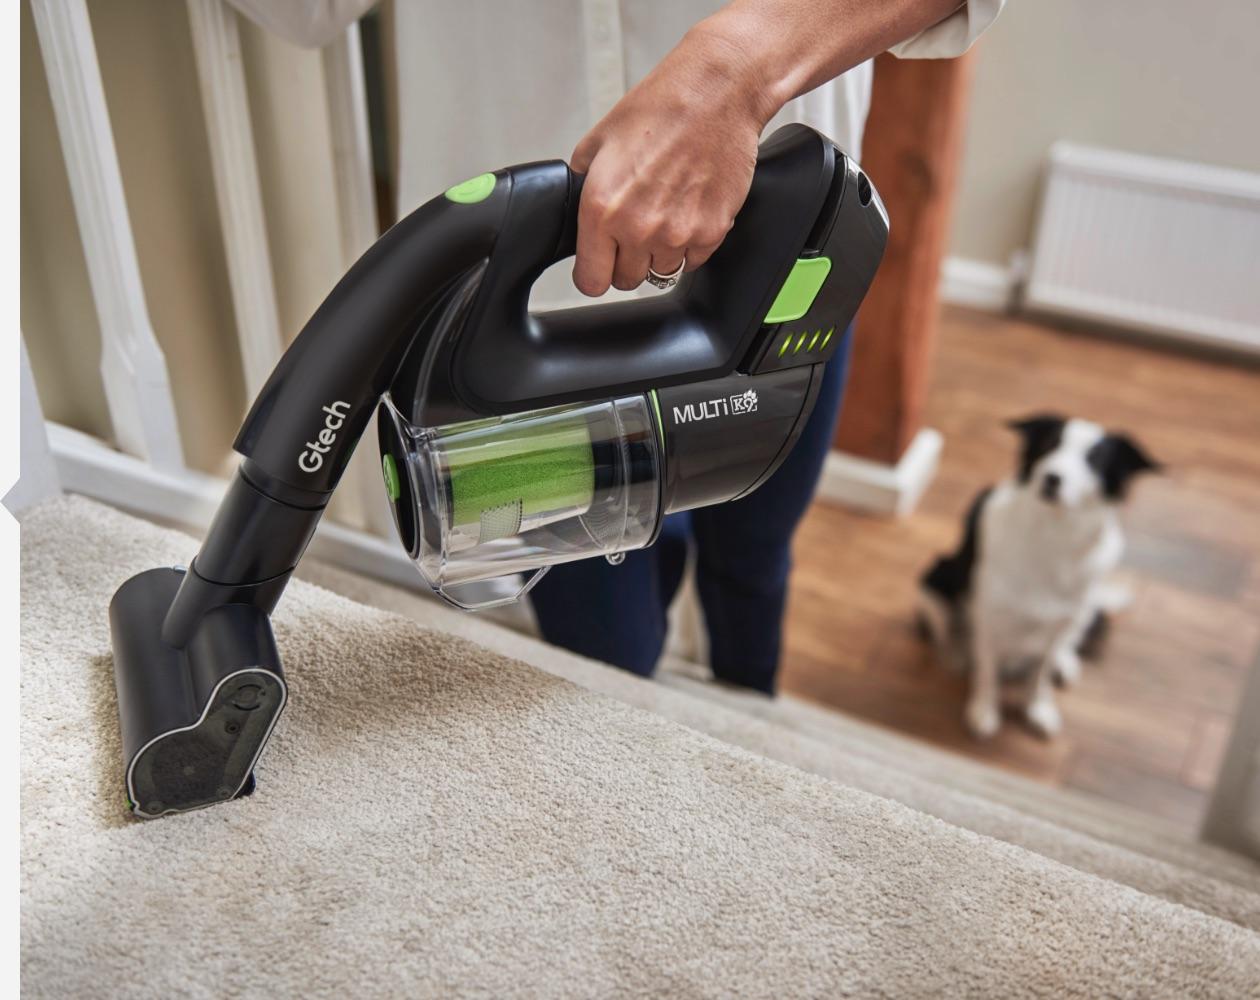 Multi K9 handheld vacuum cleaner used on stairs